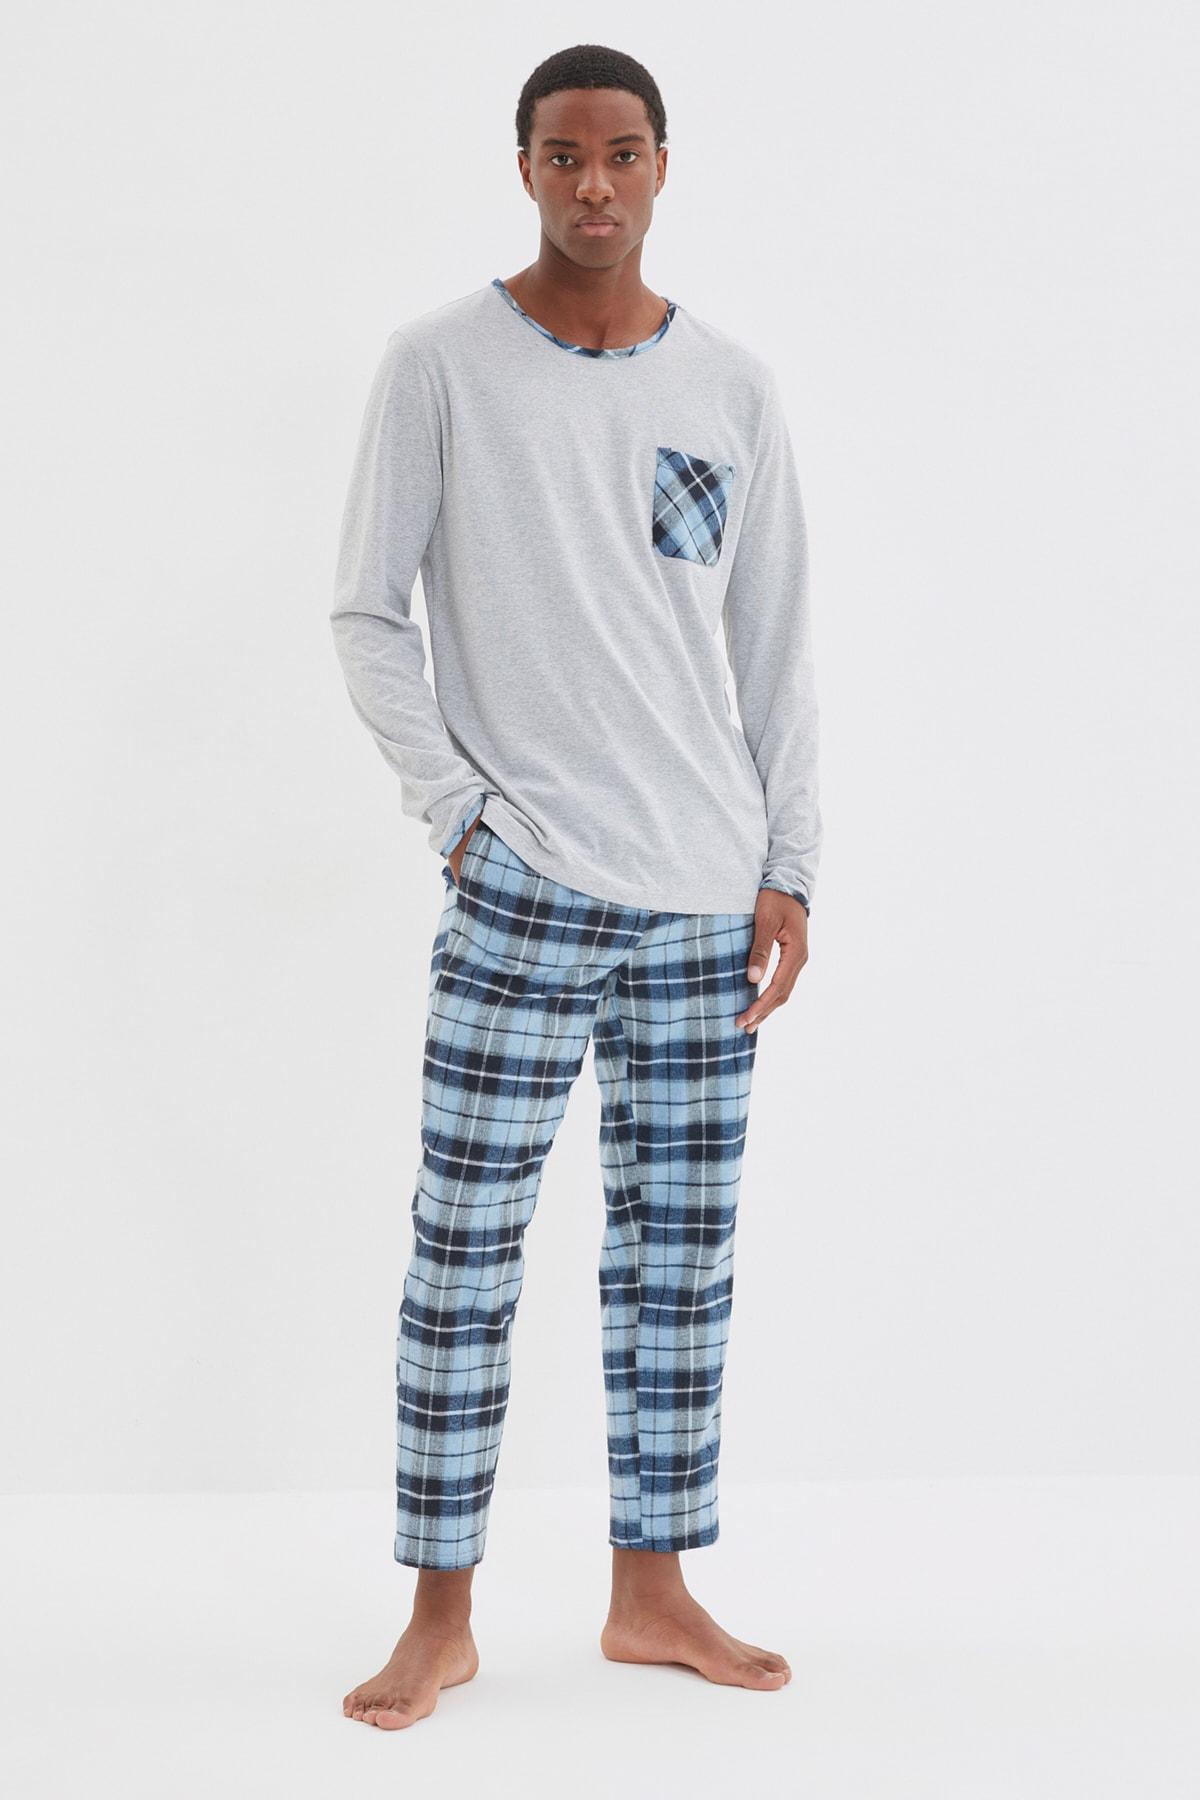 ست لباس راحتی ترندیول من پیژامه مردانه توسی آبی  Trendyolman